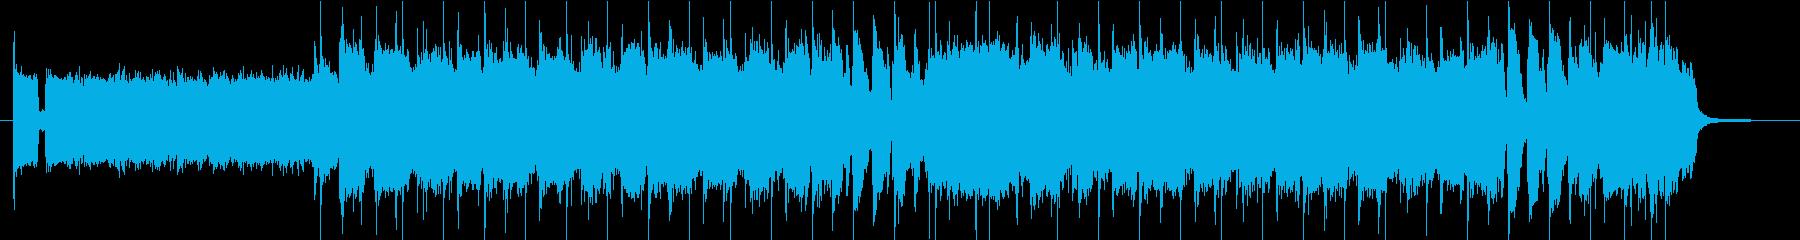 ロックンロールな30秒ジングルの再生済みの波形